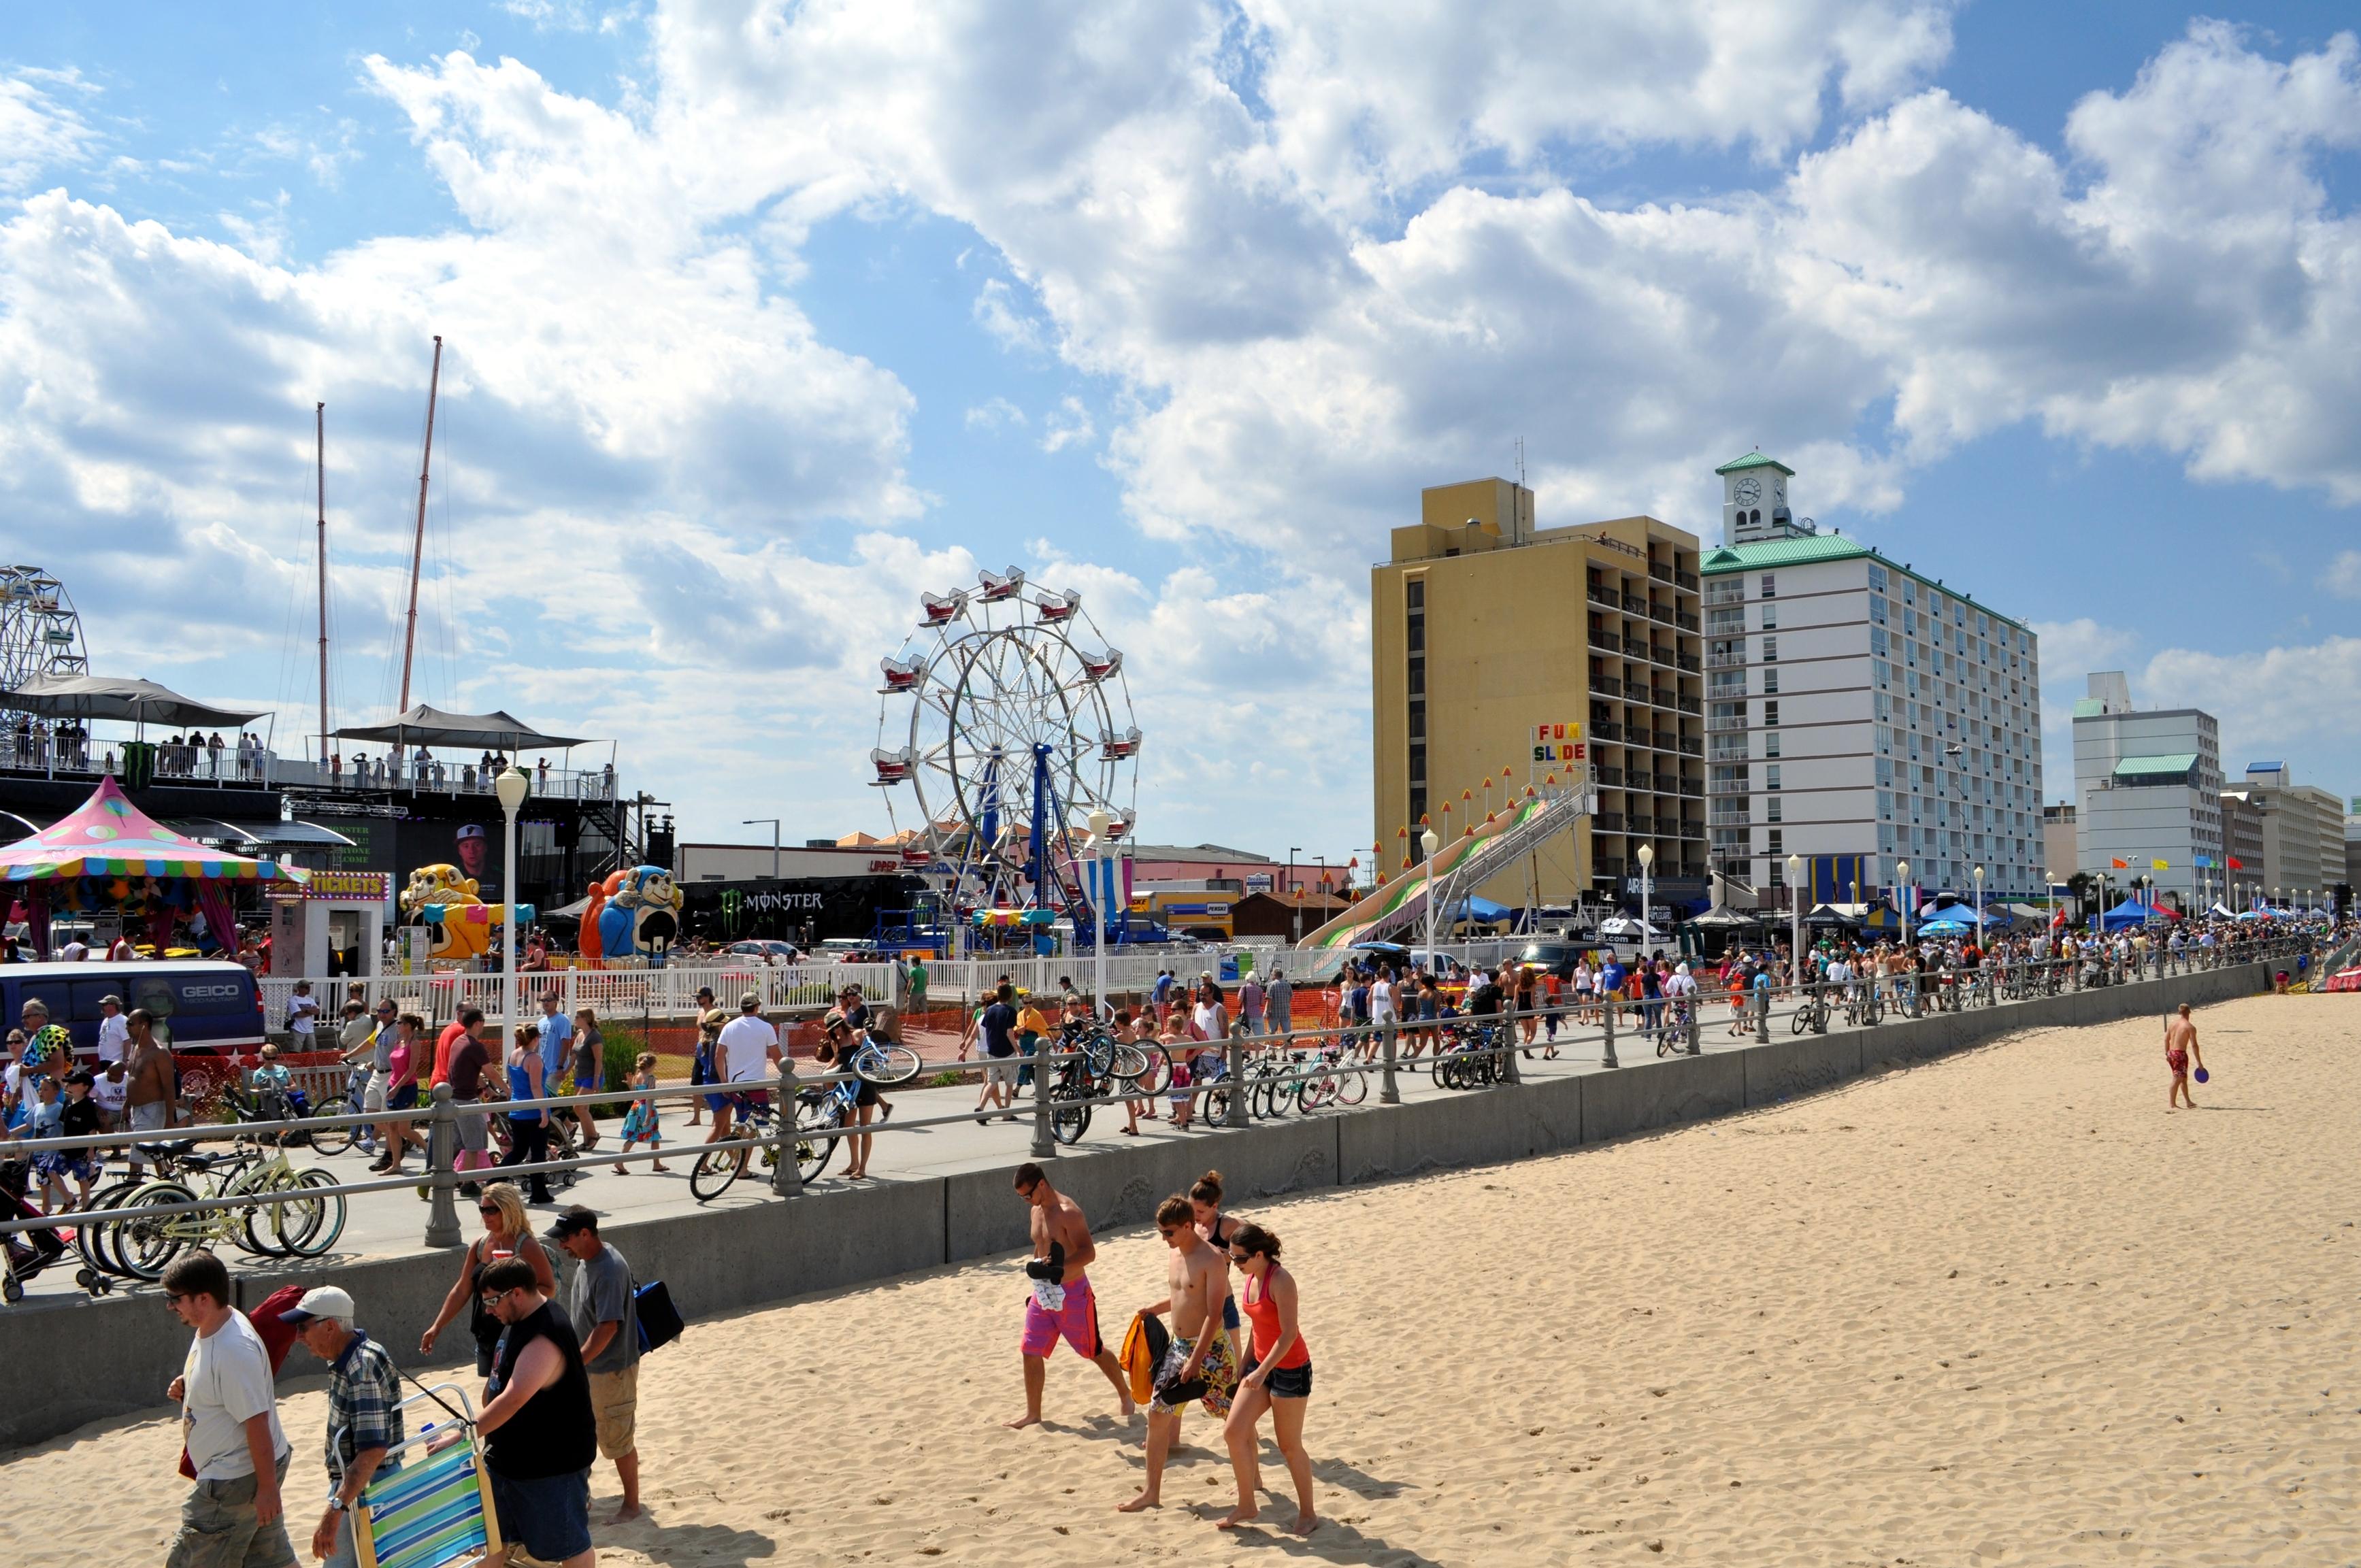 19 of the best boardwalks in America | CNN Travel